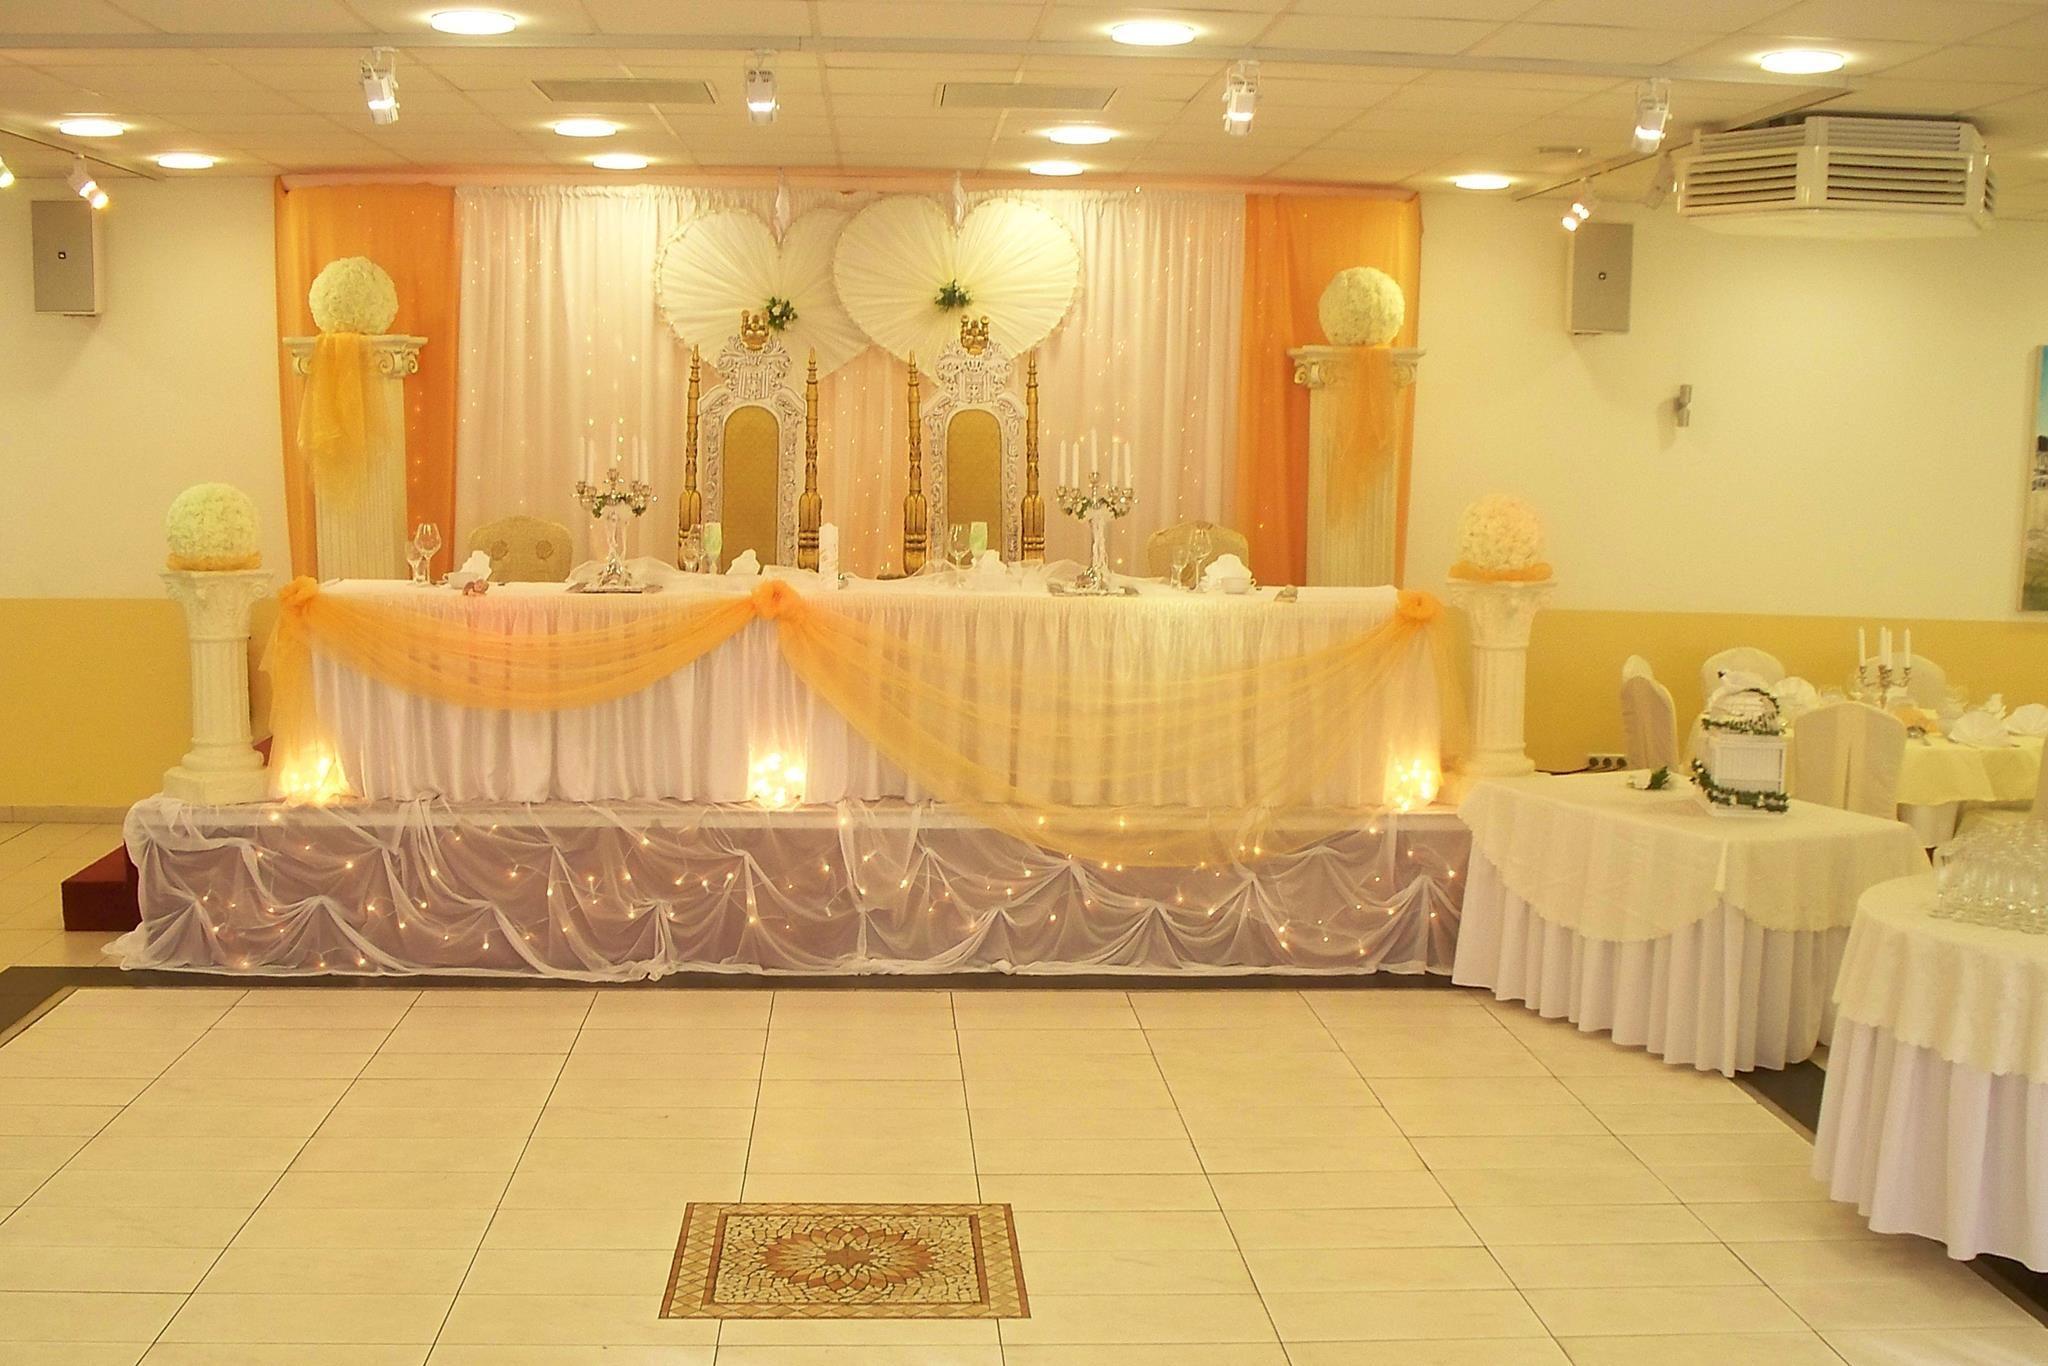 Der Ariana Festsaal Ist Der Perfekte Ort Fur Ihre Veranstaltung Festsaal Hochzeitslocation Veranstaltung